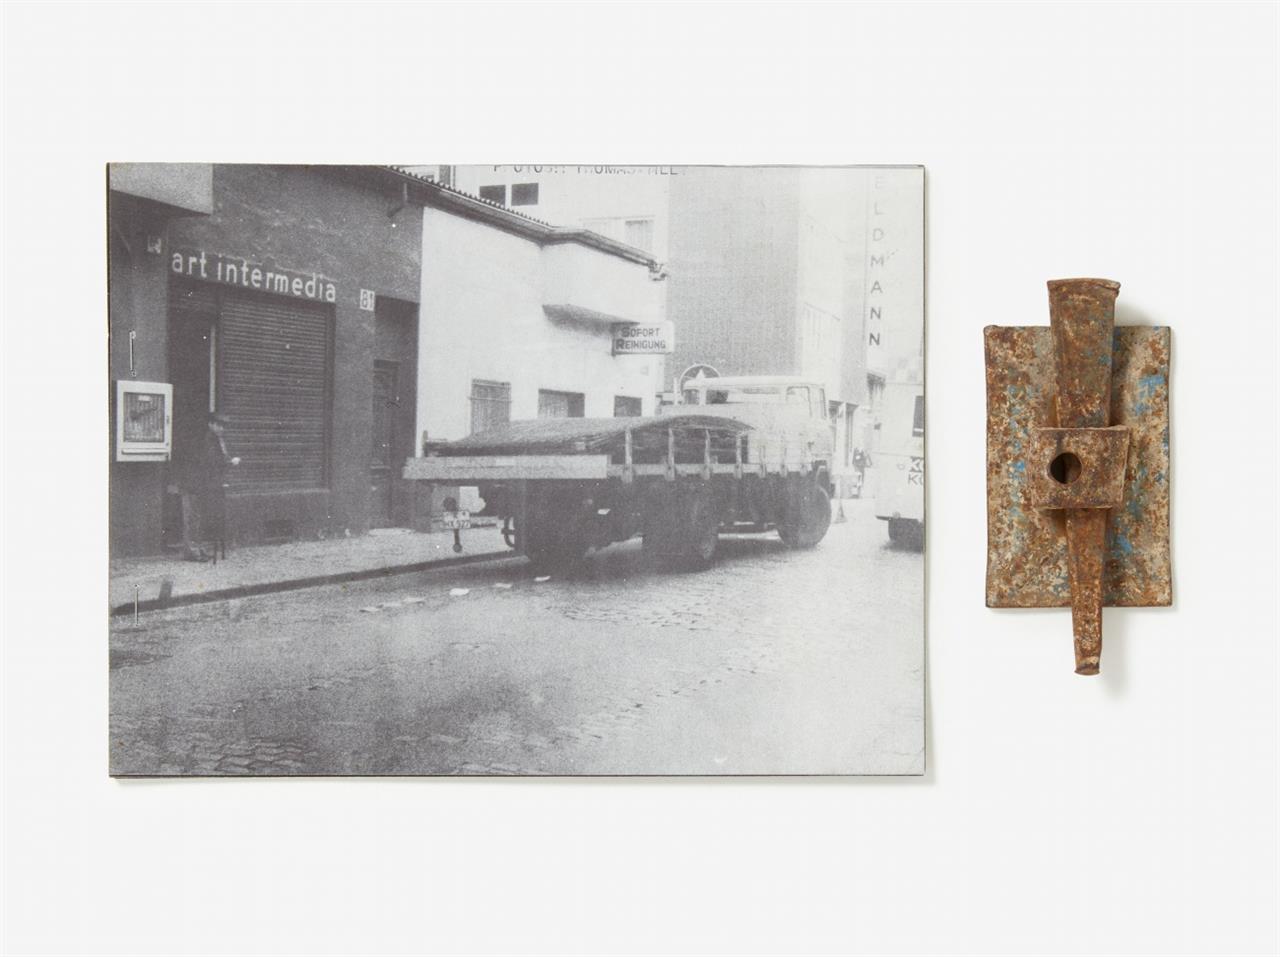 Wolf Vostell. Einzelheiten Ruhender Verkehr. 1970. Kopien von Fotogr. u. Planskizze mit OrVerschalungsschloss. Signiert. Ex. 43/50. + Beilagen: 3 sign. Druckerzeugnisse u.1 Kassette mit CD